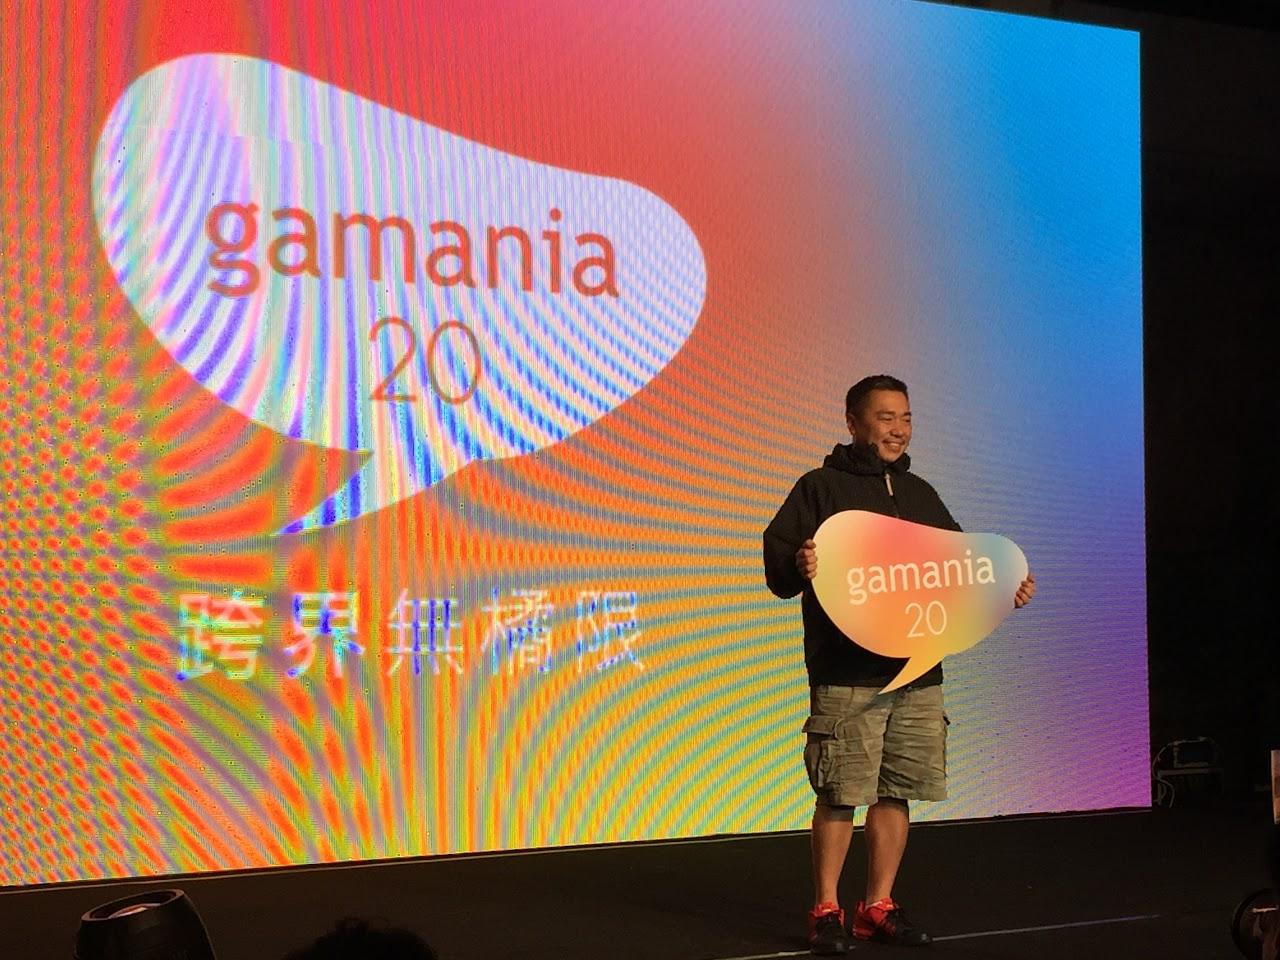 遊戲橘子20周年華山開展,劉柏園:明年是電子支付的春秋時代